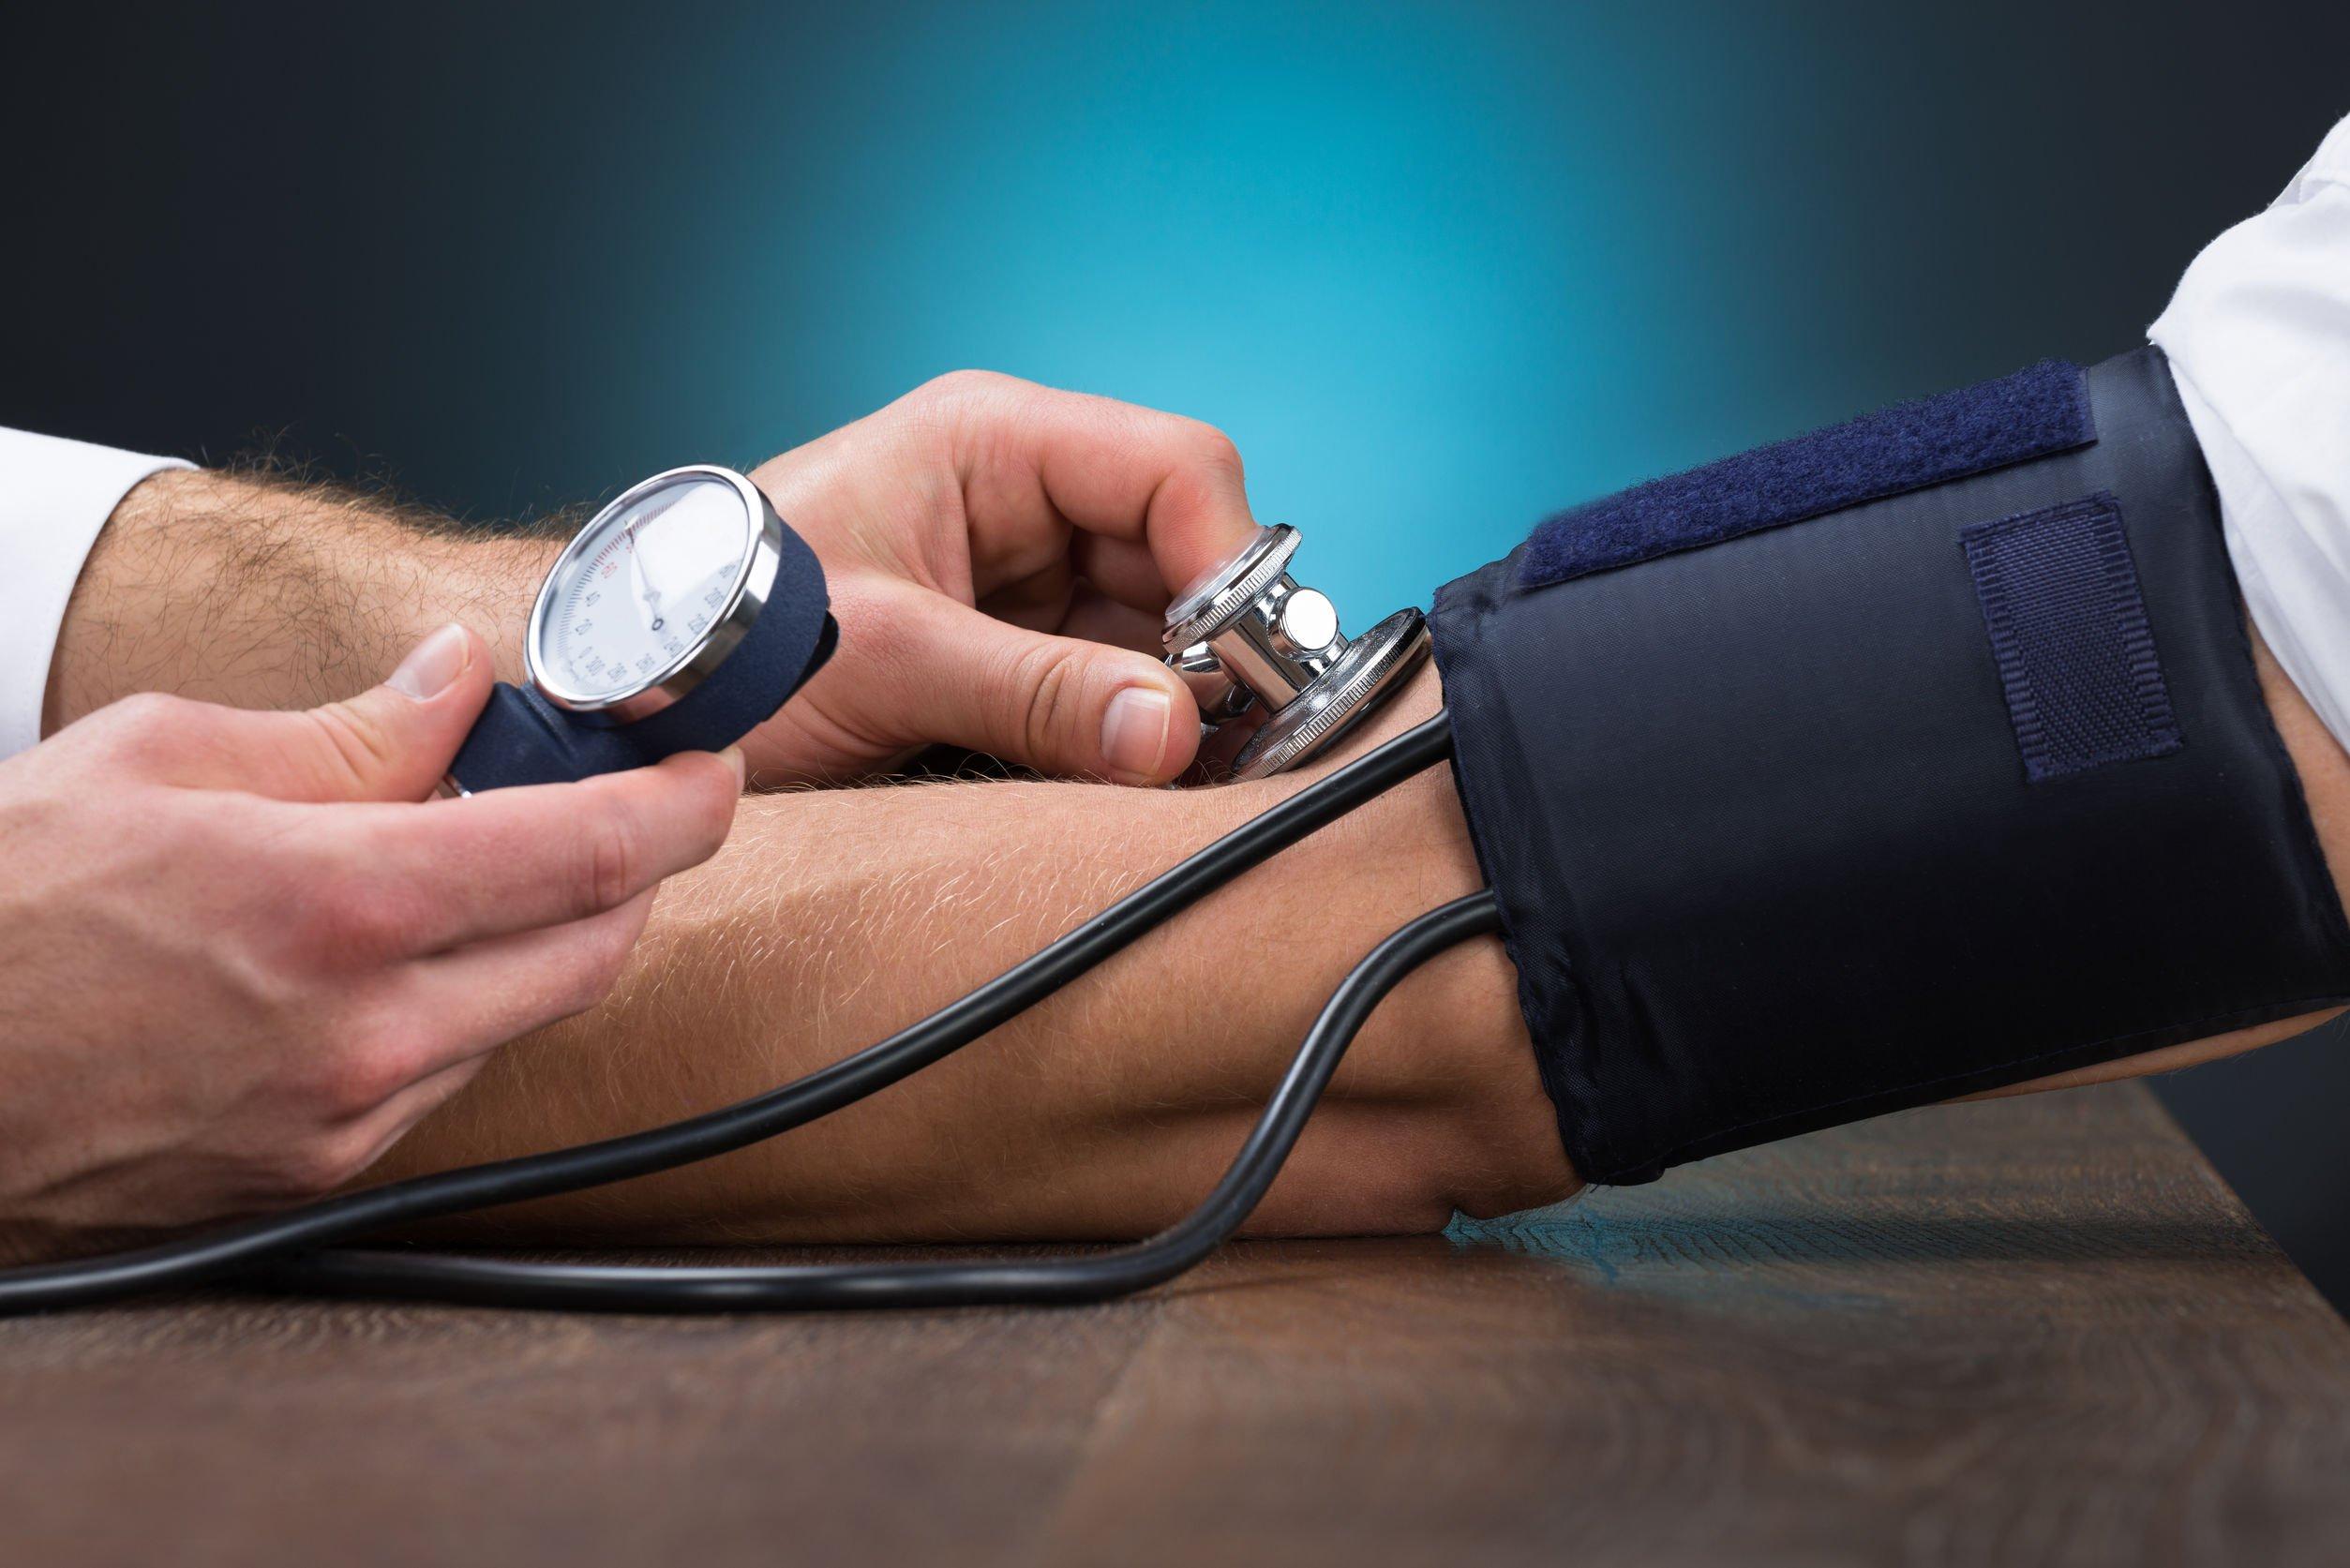 артериальная гипертония профилактика и лечение ...